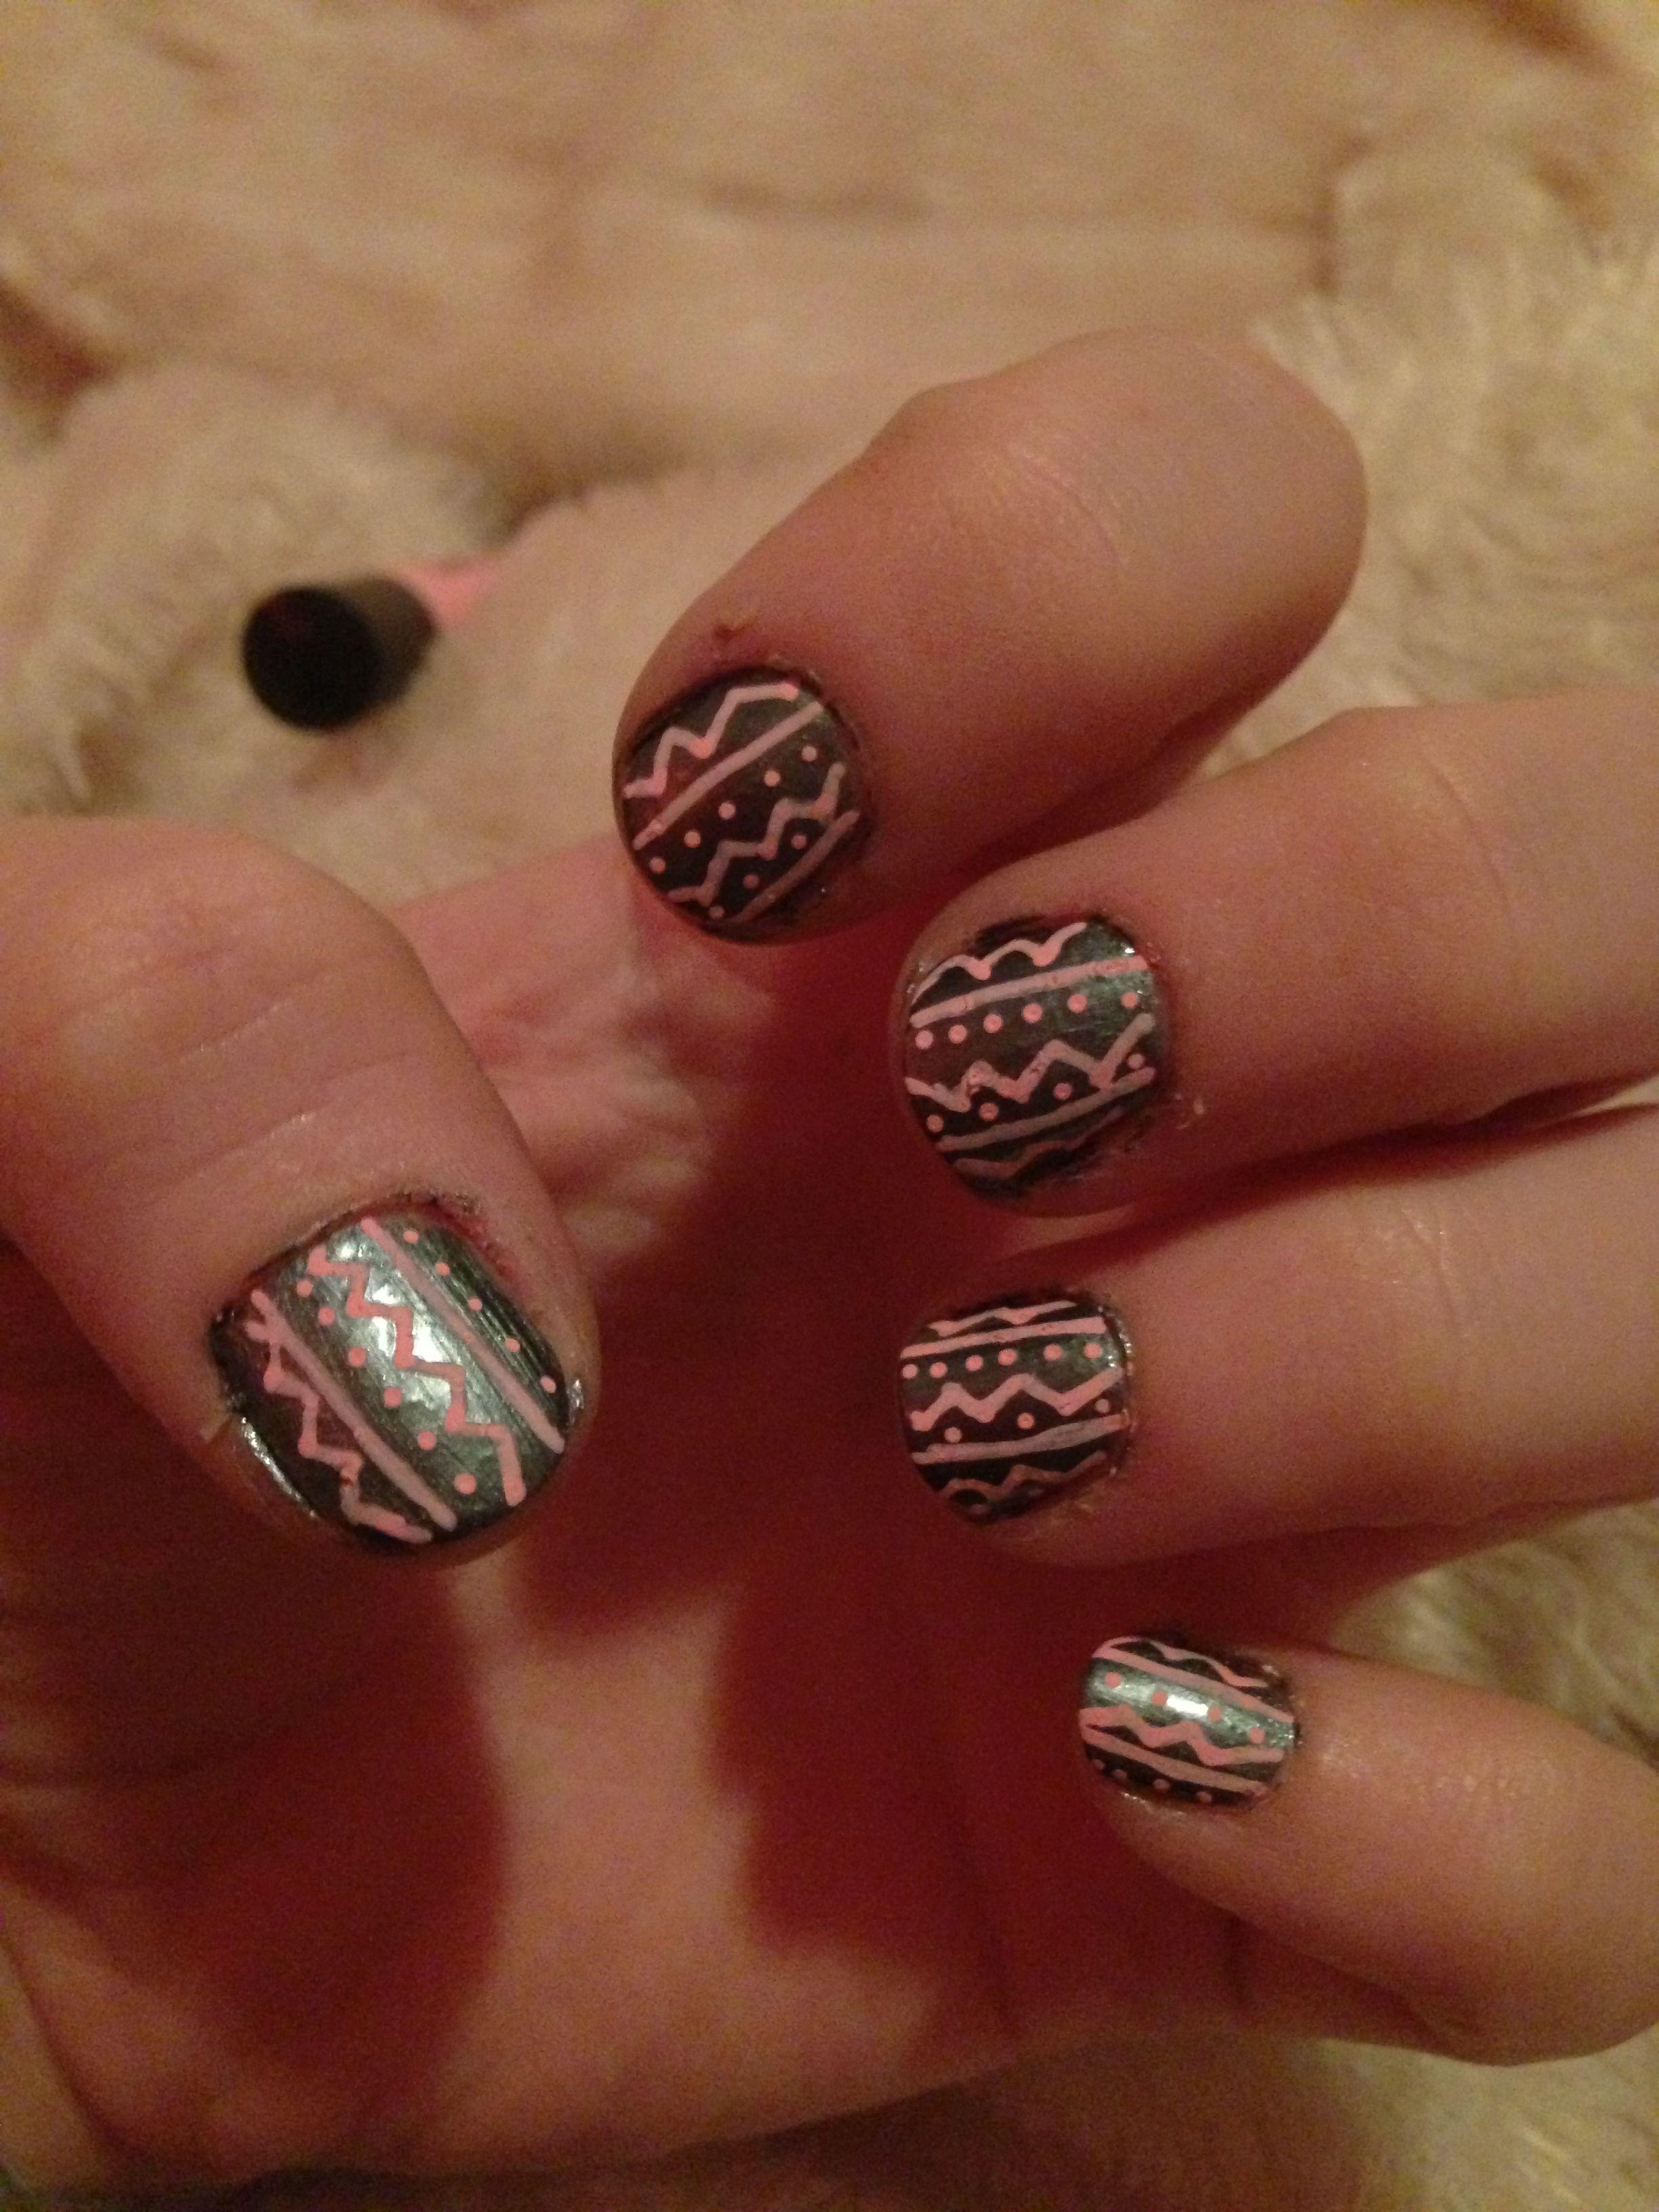 Aztec nails choose any color nail polish and any color nail art pen ...